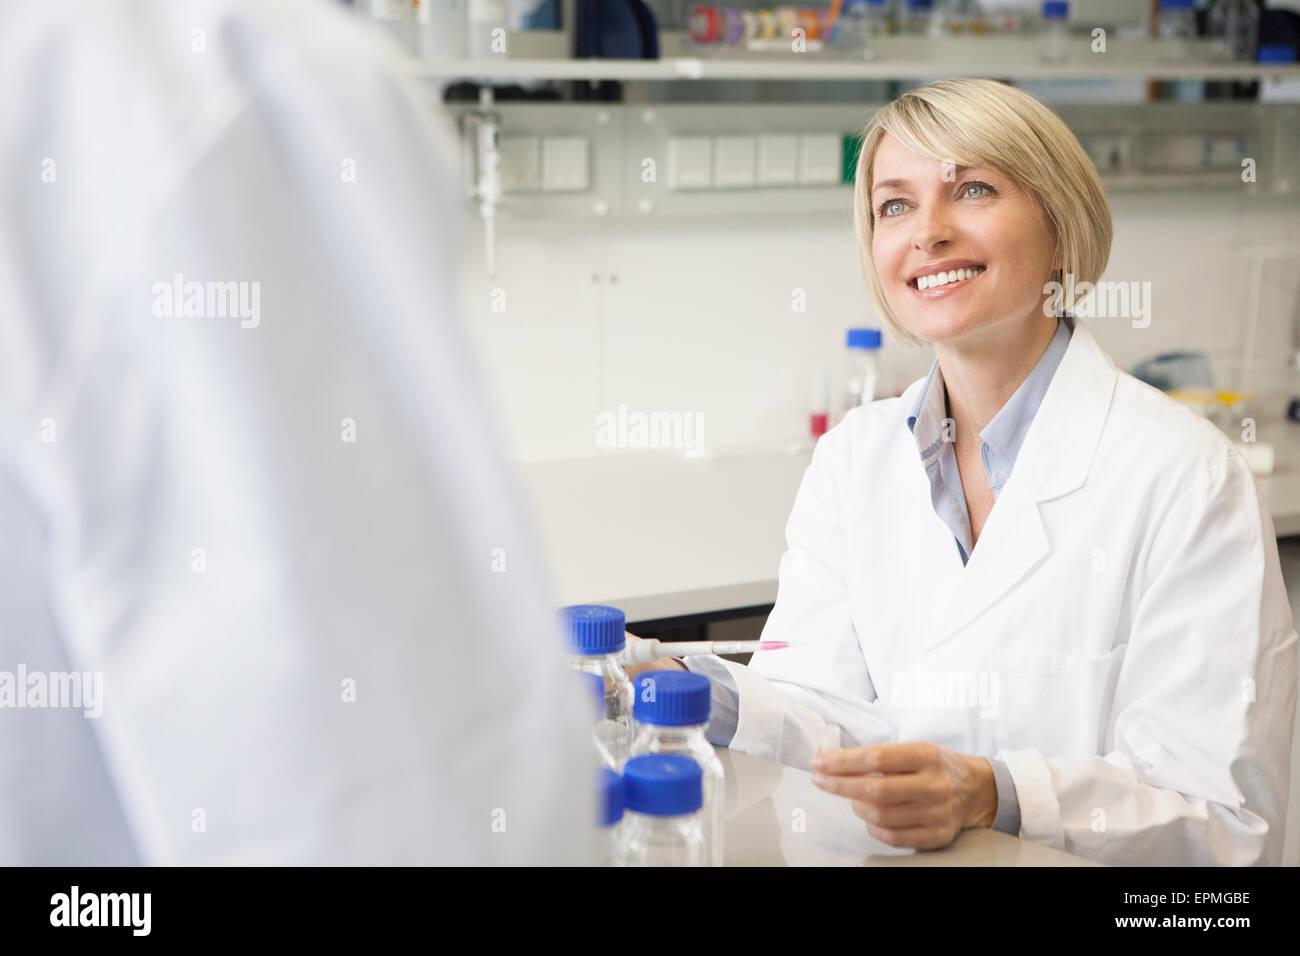 En el laboratorio científico sonriente hablando Imagen De Stock